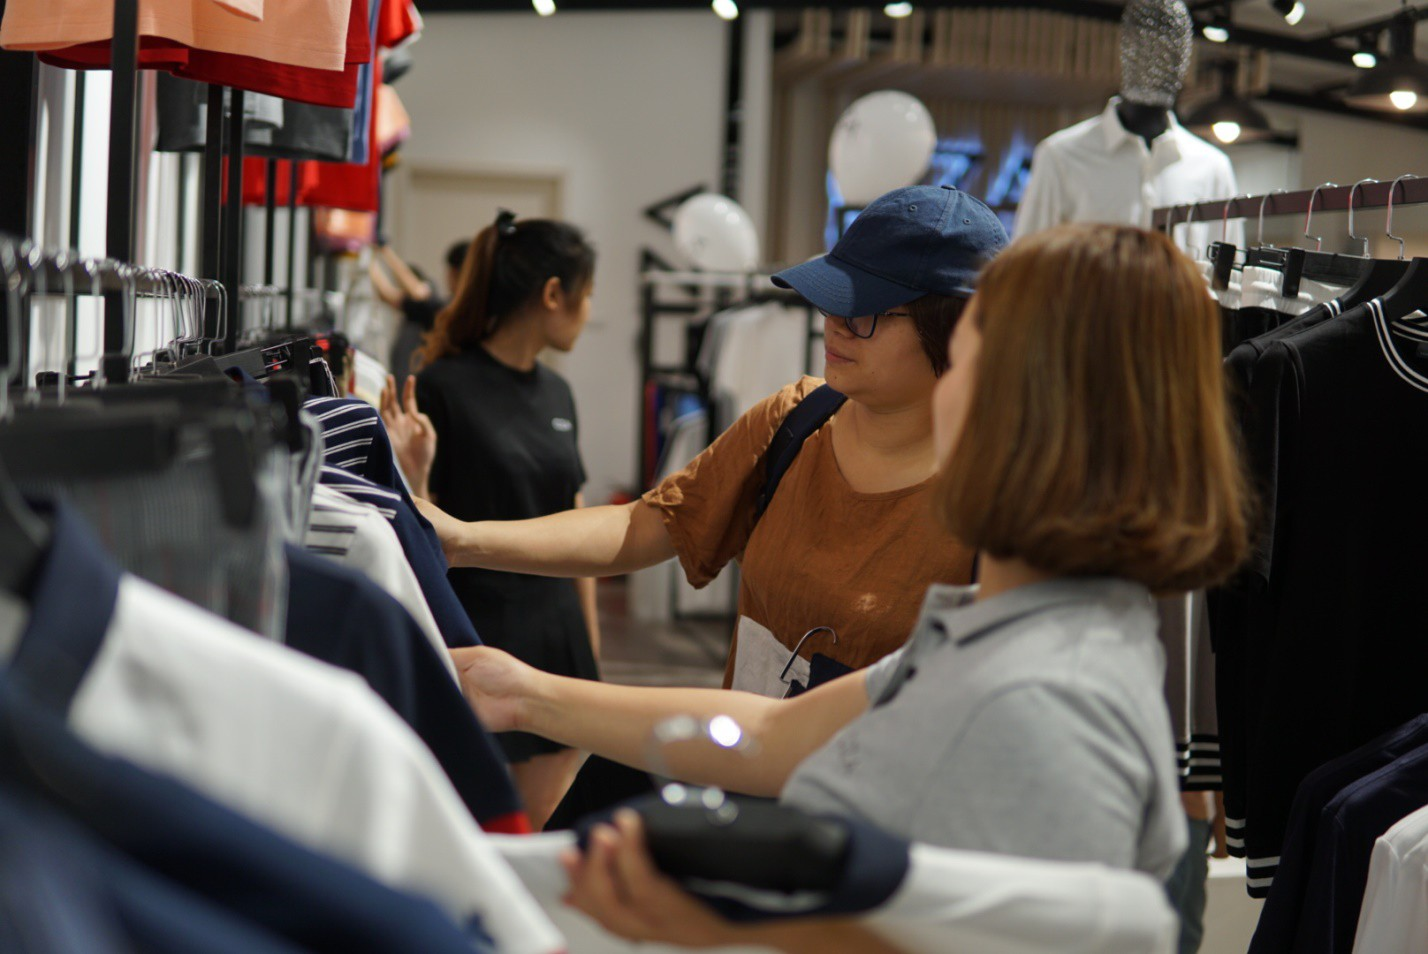 Thương hiệu thời trang nam Ciza ra mắt cửa hàng đầu tiên tại Hà Nội - Ảnh 5.